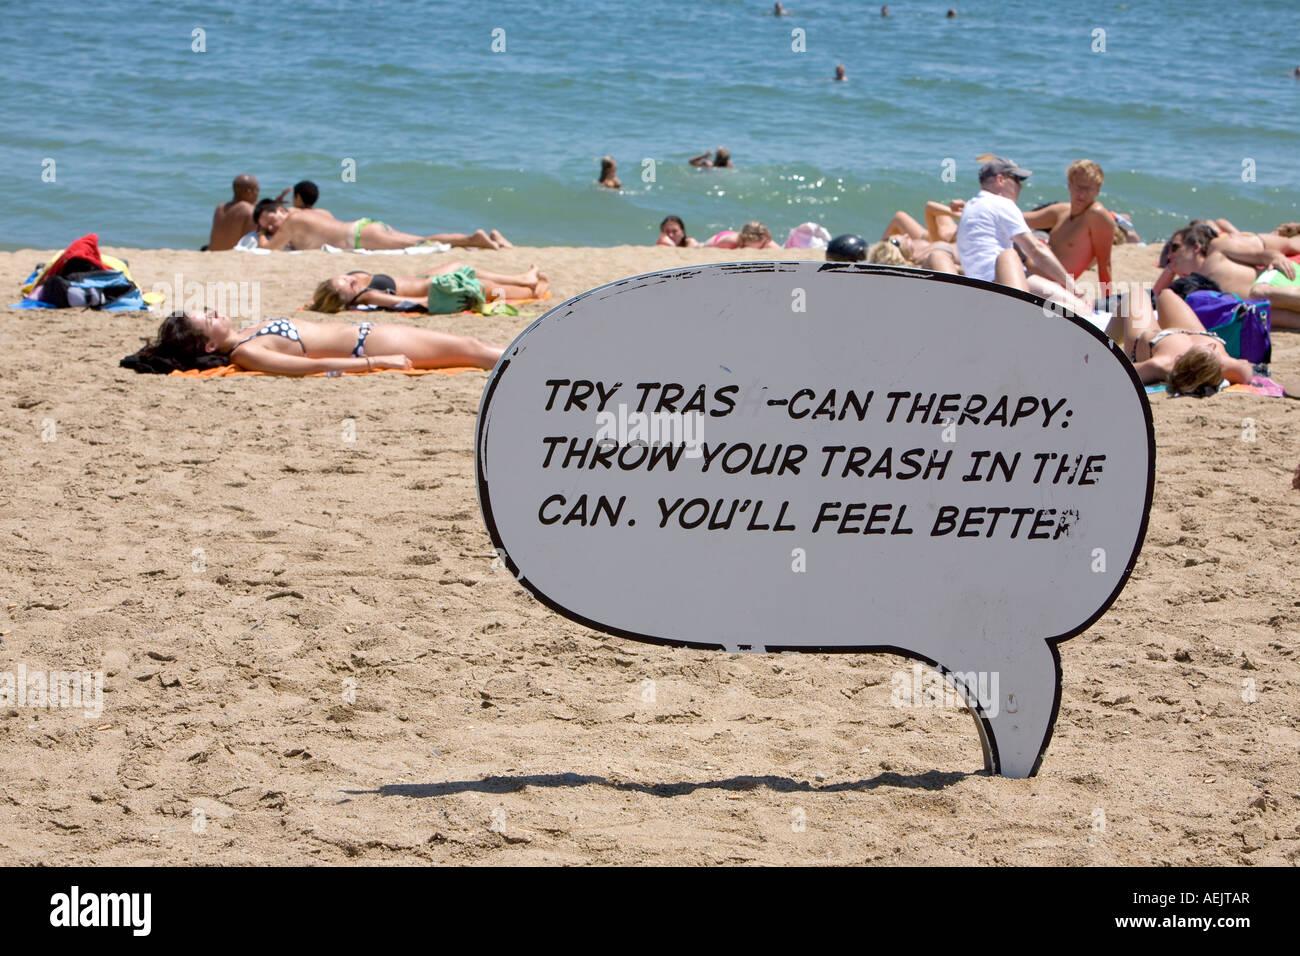 Richiesta per mantenere la spiaggia pulita, Platja de Bareloneta, Barcellona, in Catalogna, Spagna Immagini Stock